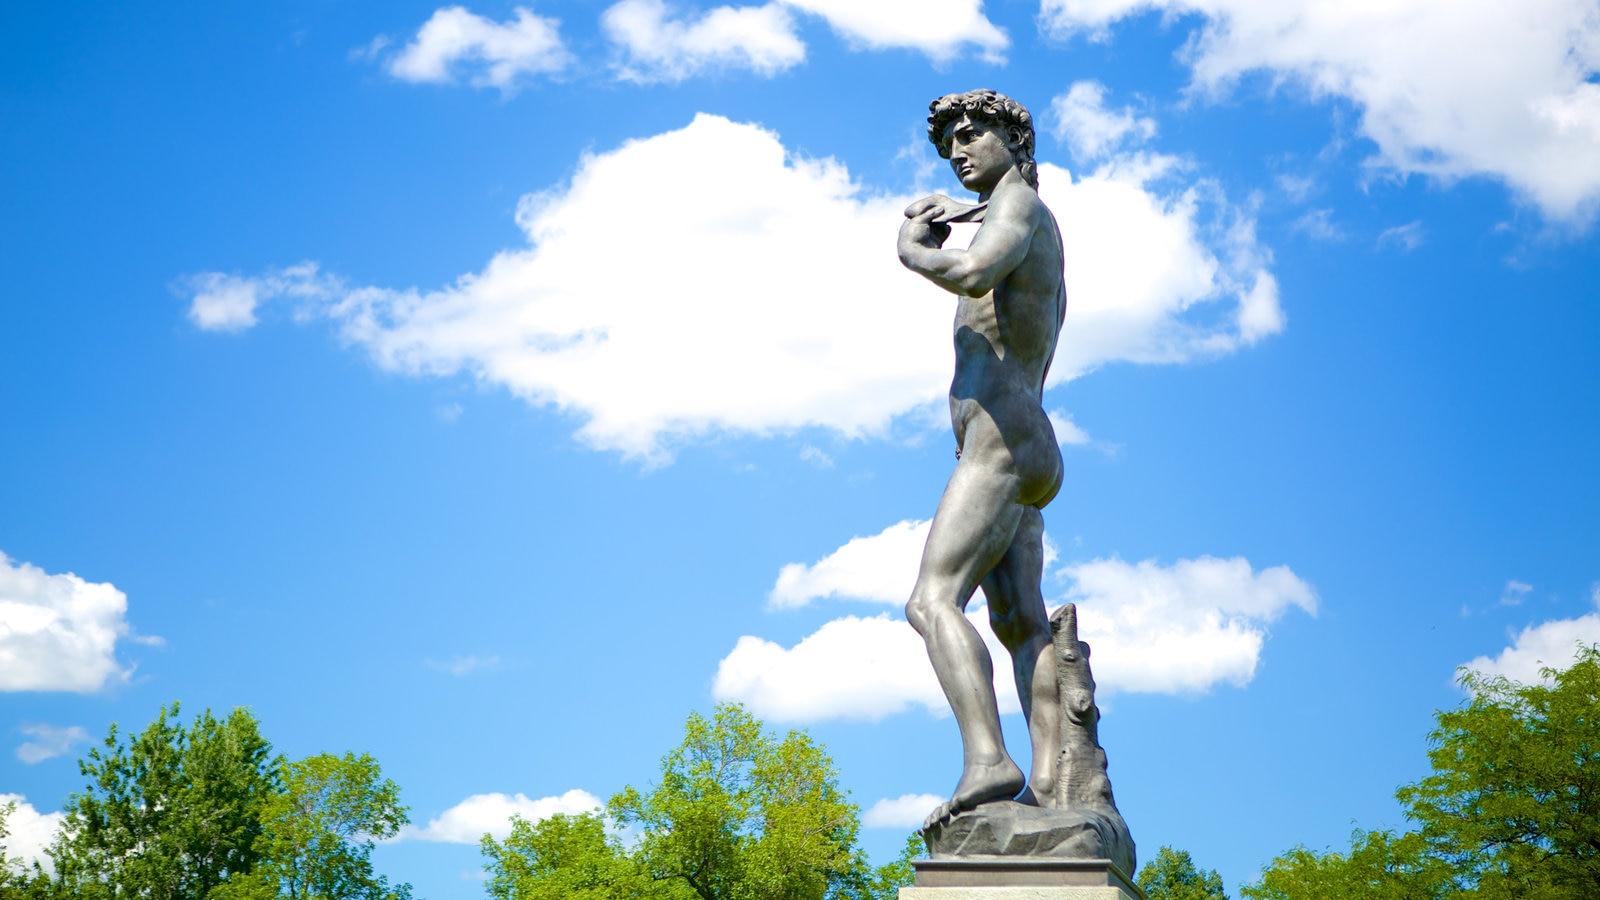 Delaware Park que inclui arte ao ar livre e uma estátua ou escultura